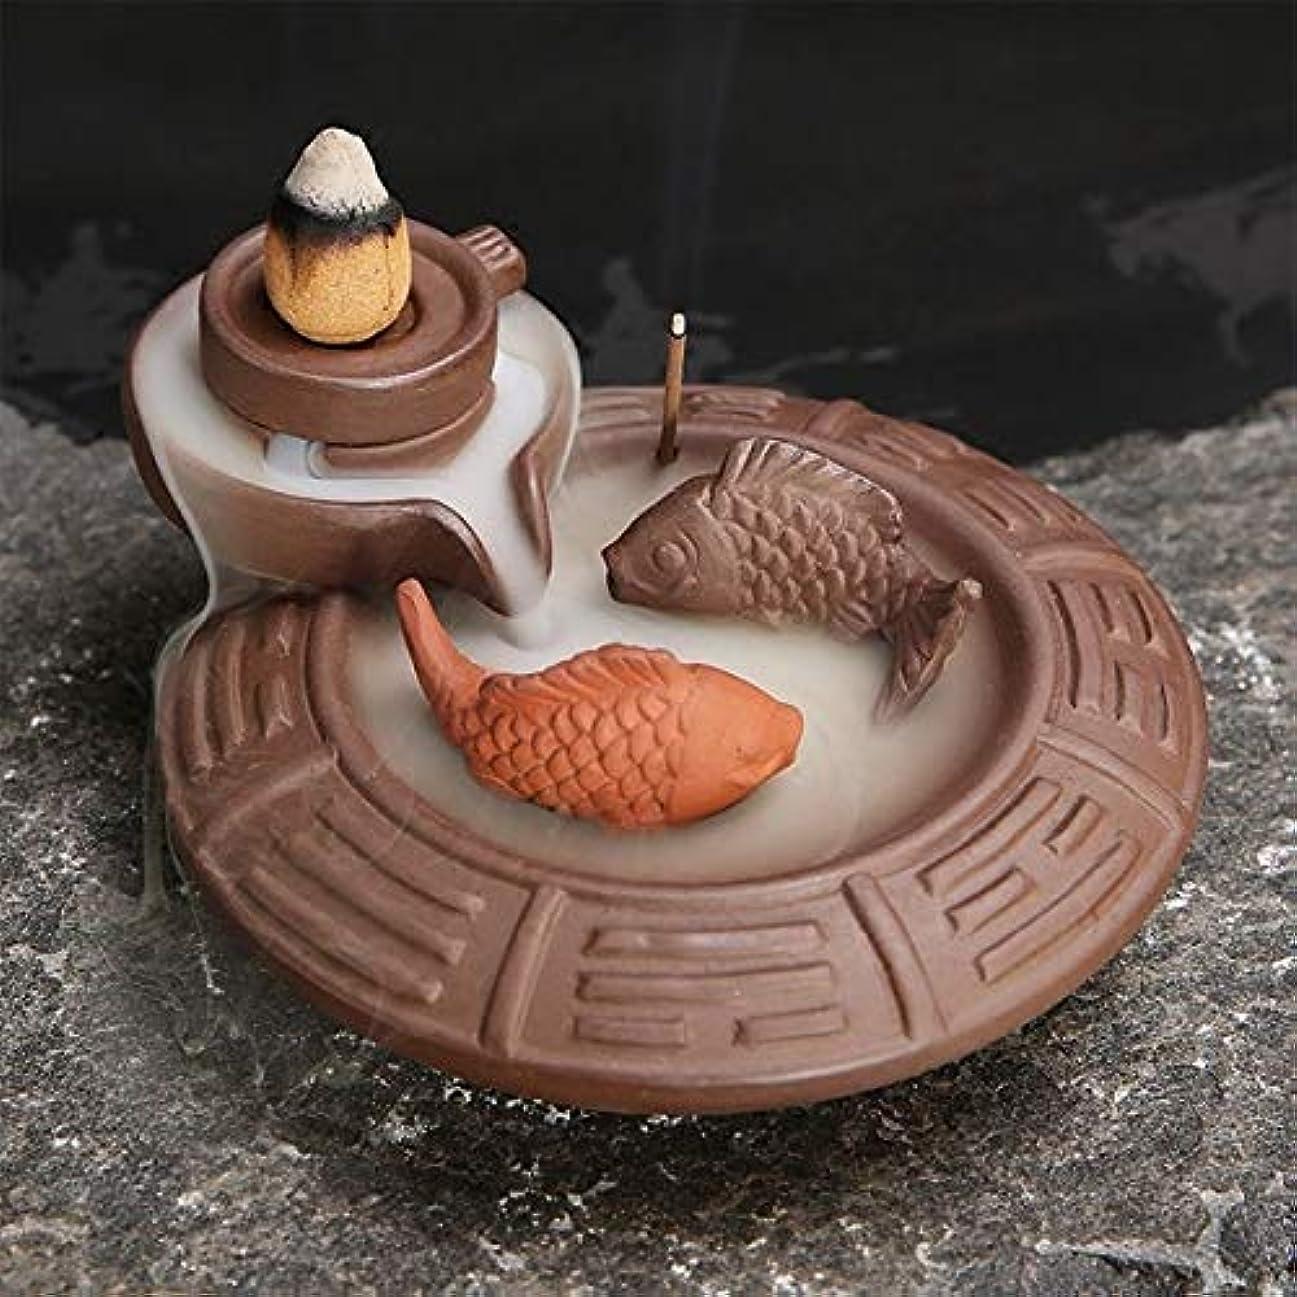 見せます植物学者サポート(Fish) - Jeteven Ceramic Fish Backflow Incense Burner, Incense Cones Sticks Holder, Ideal for Yoga Room, Home...